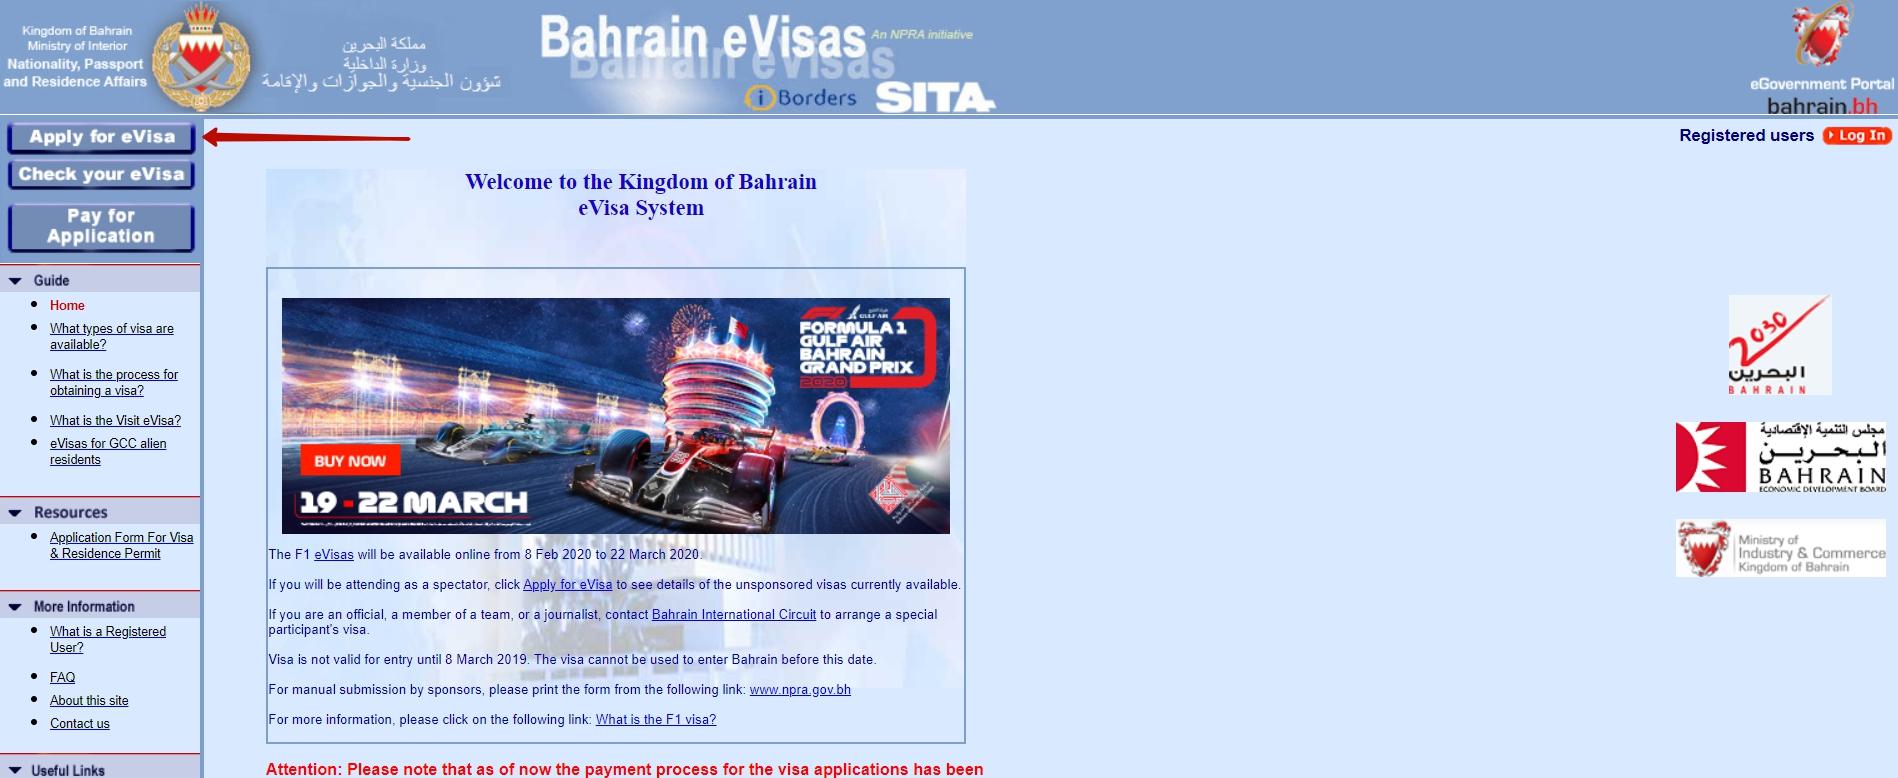 Главная страница сайта миграционной службы Бахрейна